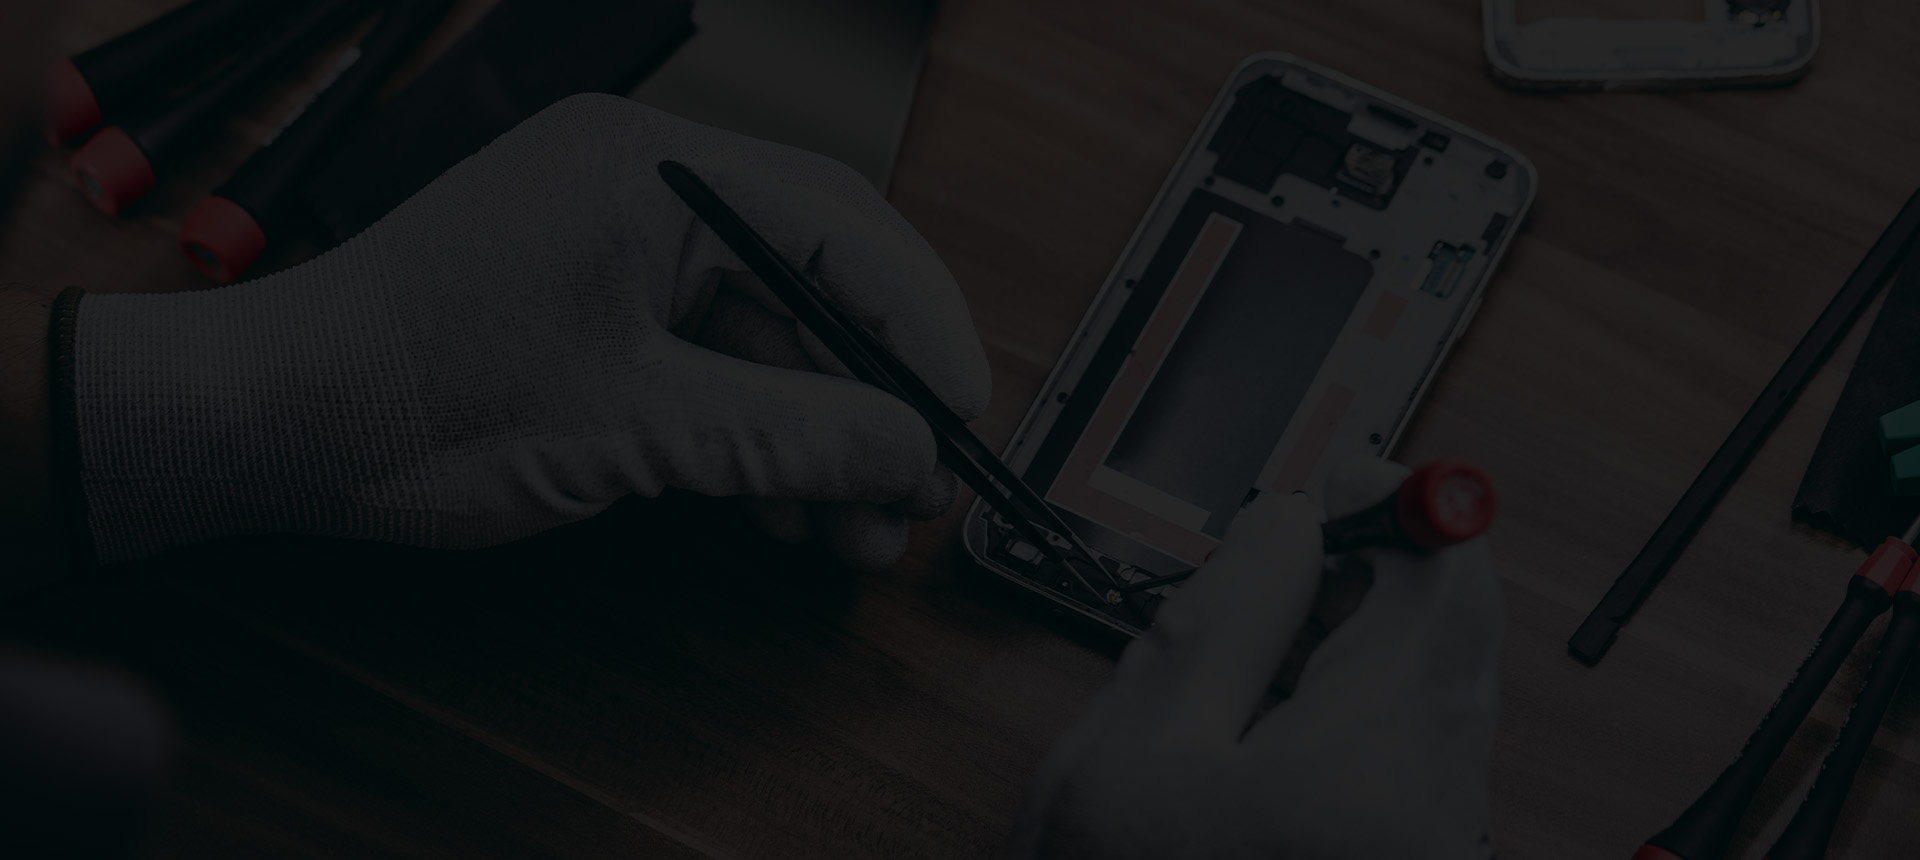 Reparaturwerkzeuge fur Mobiltelefone und Tablets